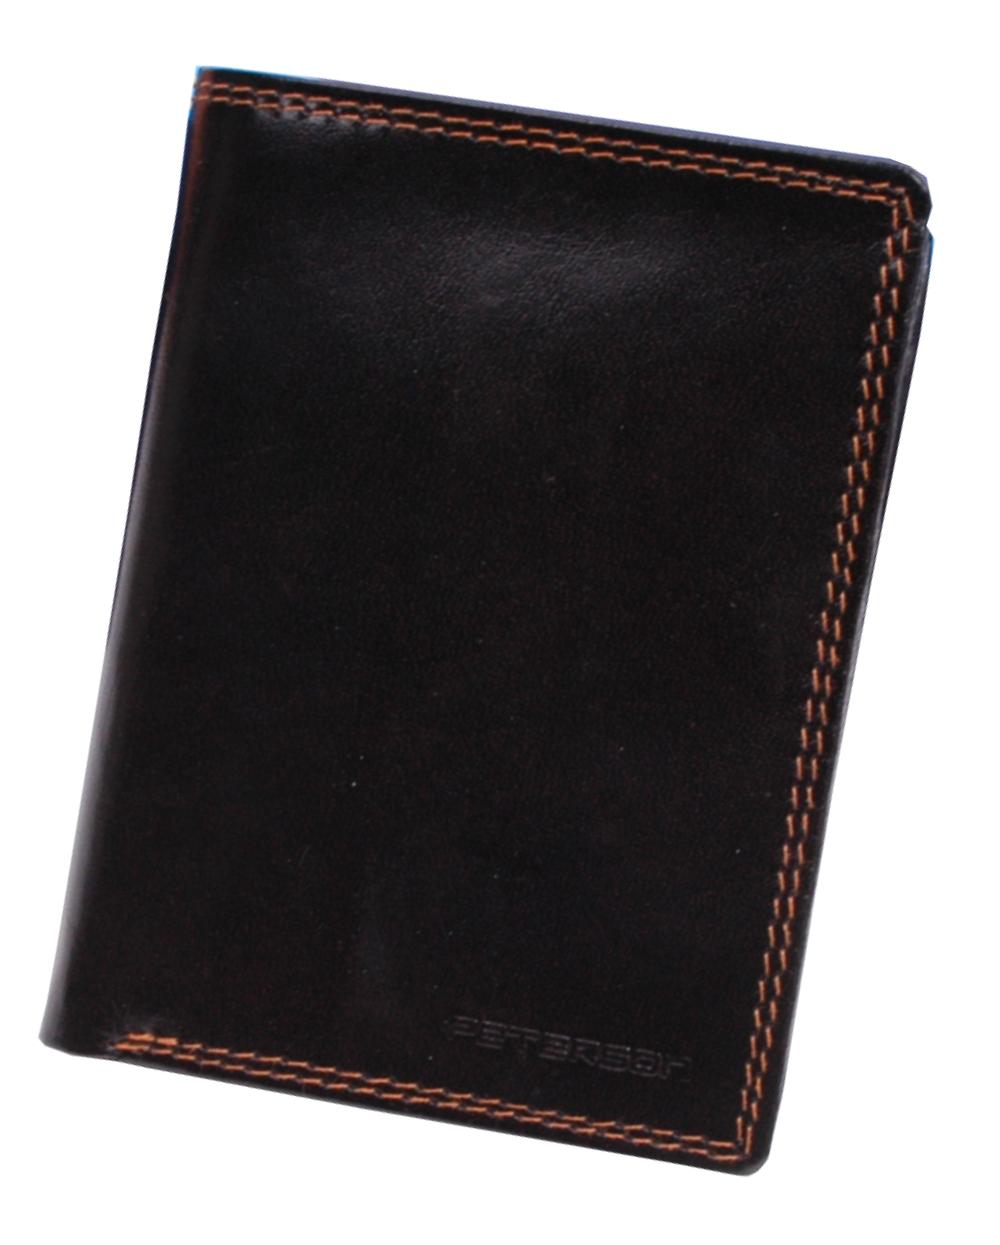 505f218e4d7d3 PETERSON portfel męski 342 brązowy skóra GRAWER - 7071370381 ...